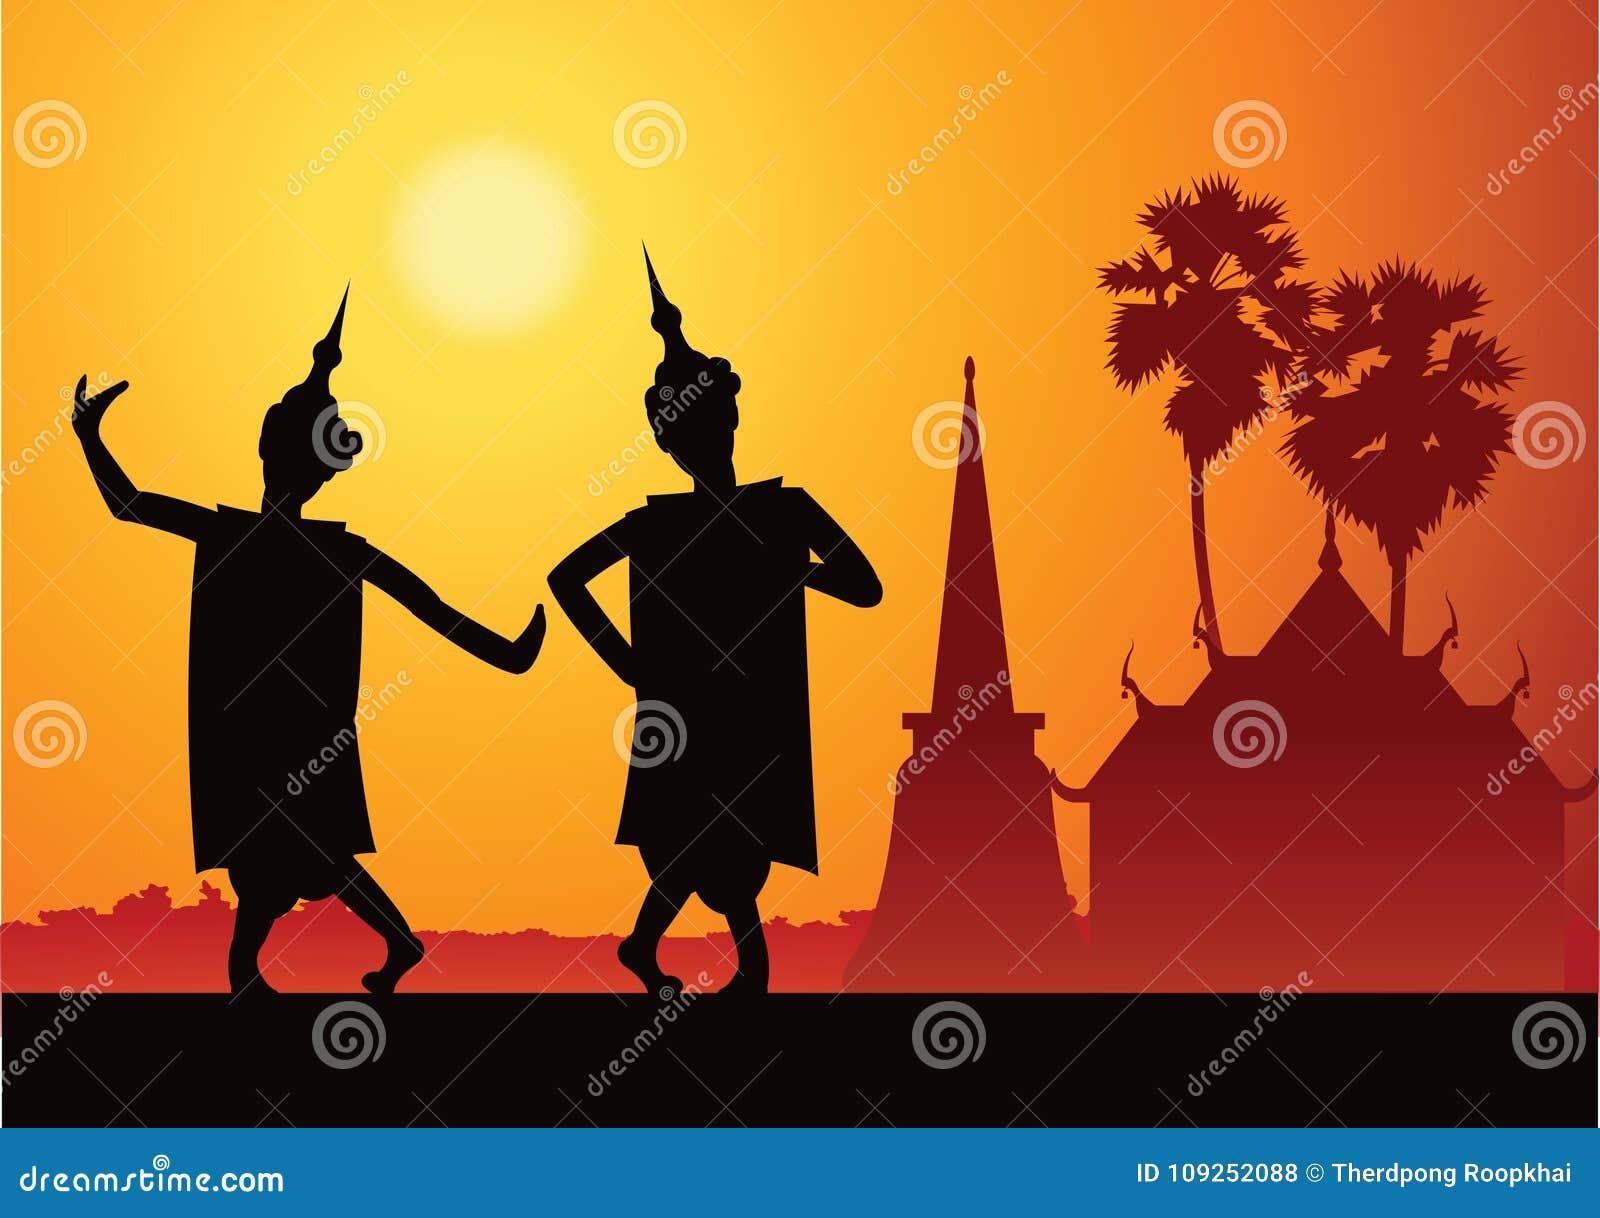 For för thailändsk musikdansare viktig festival och ceremoni, kontur